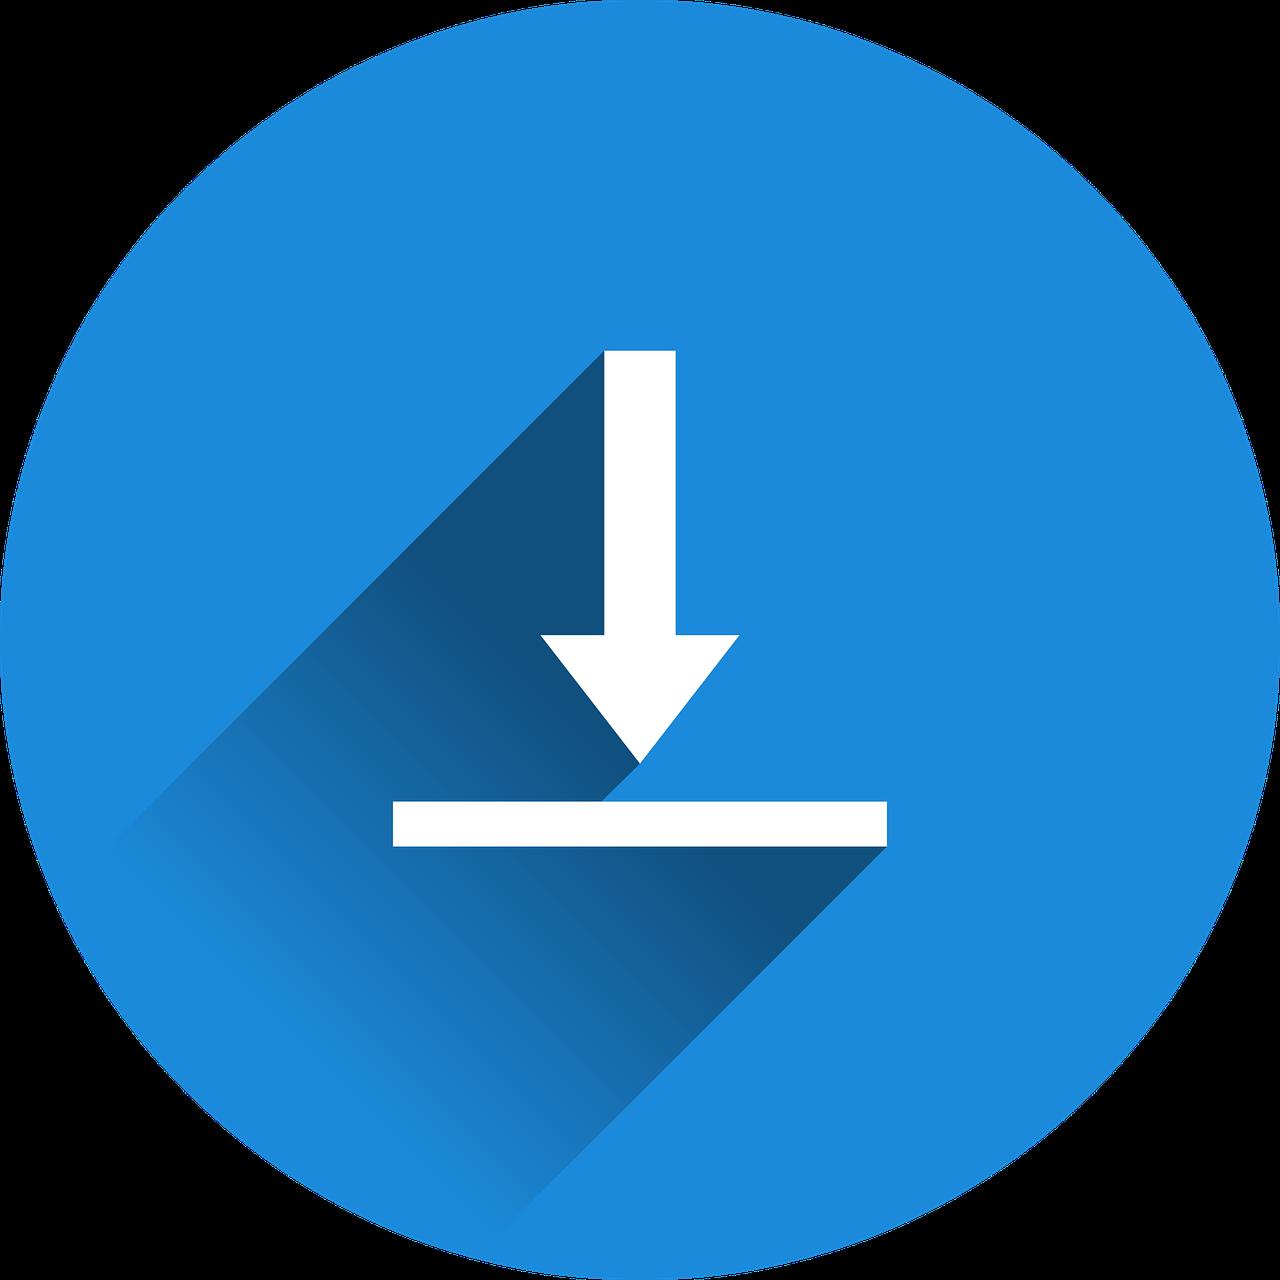 Downloaod kostenlose Testversion, Software von rechnungsprofigratis testen